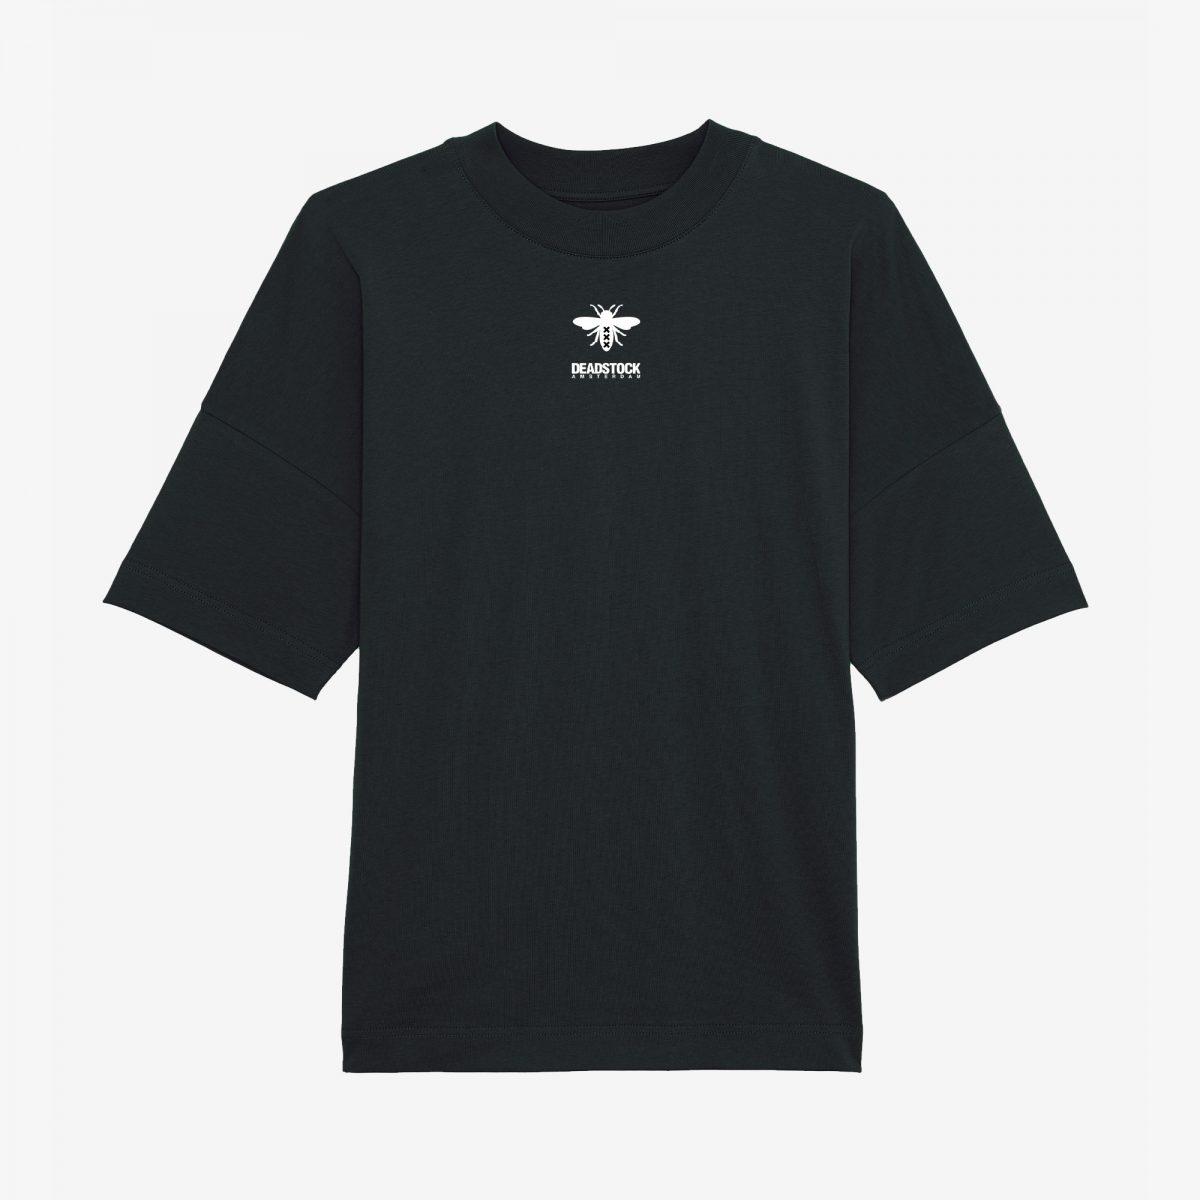 Oversized-Shirt-Zwart-Deadstock-2021-Front